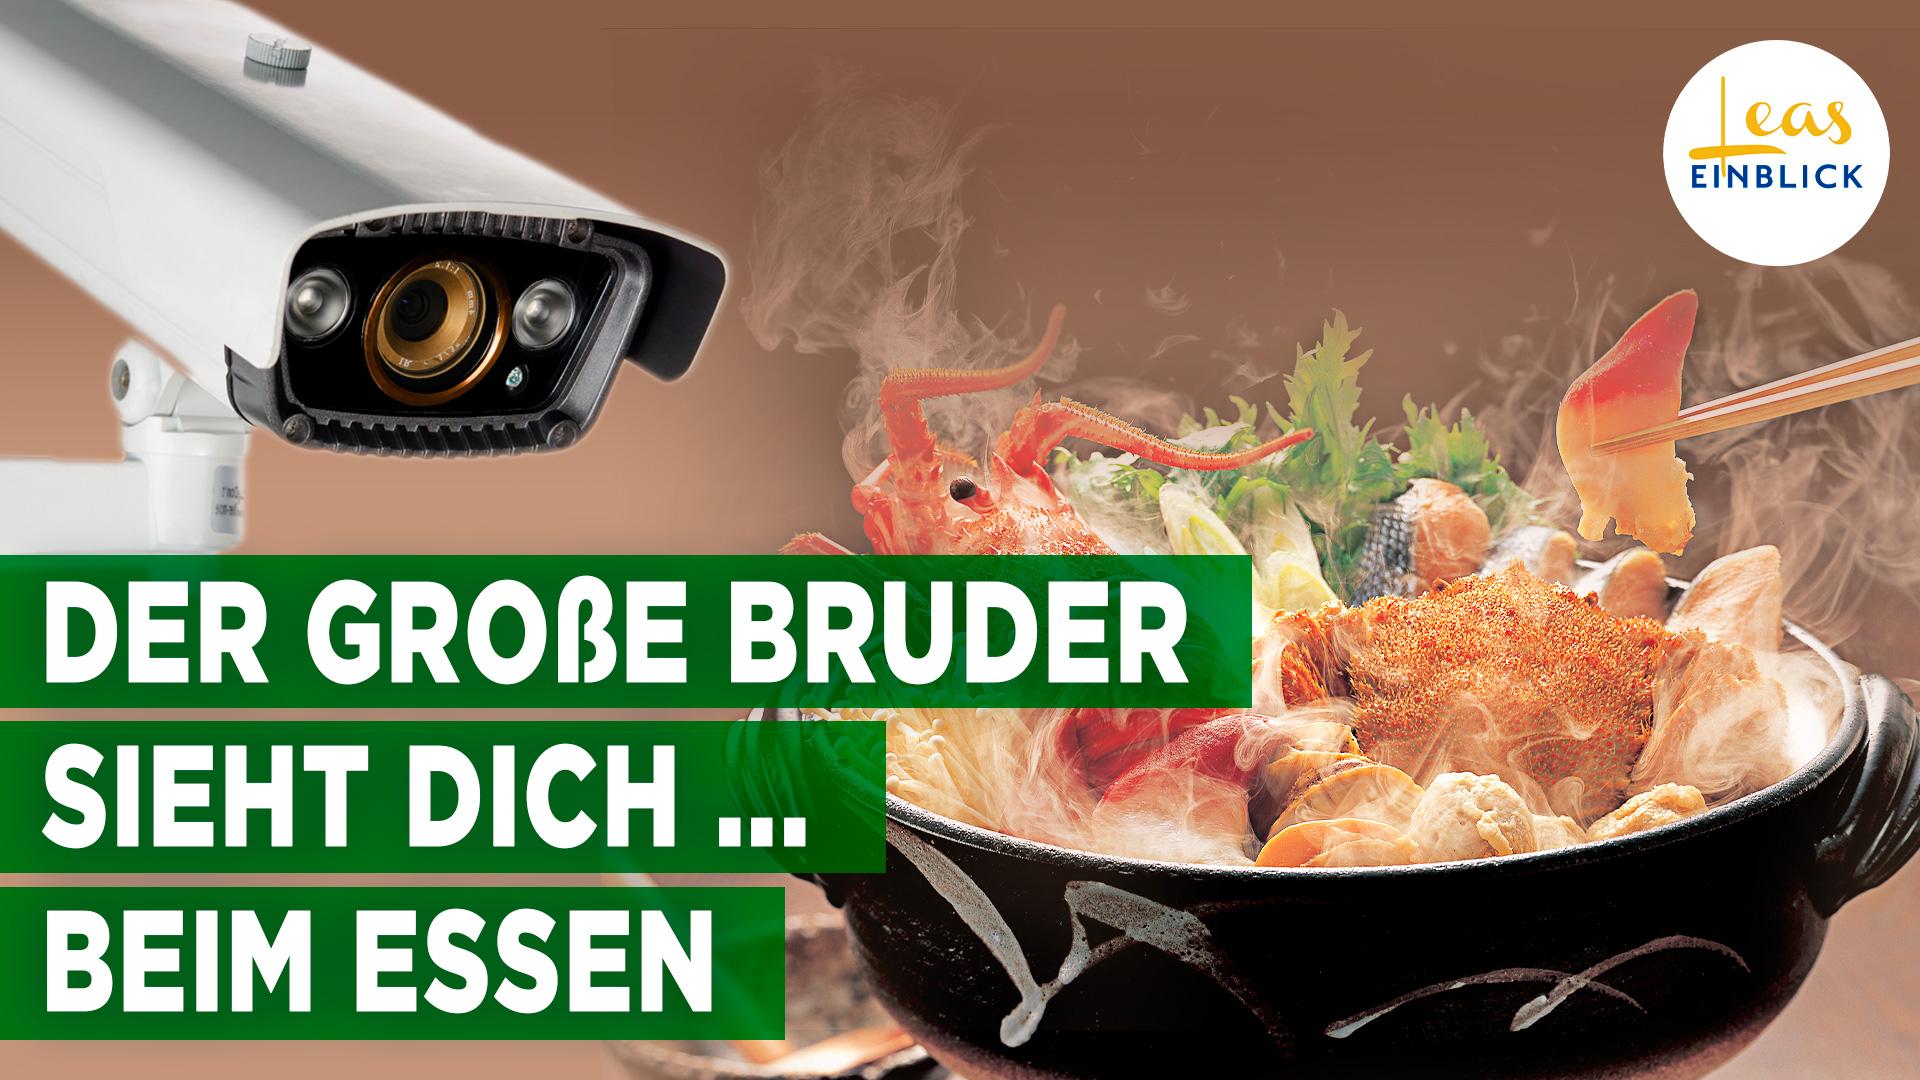 60 Videokameras in einem Hot-Pot-Restaurant – was sind die Hintergründe?